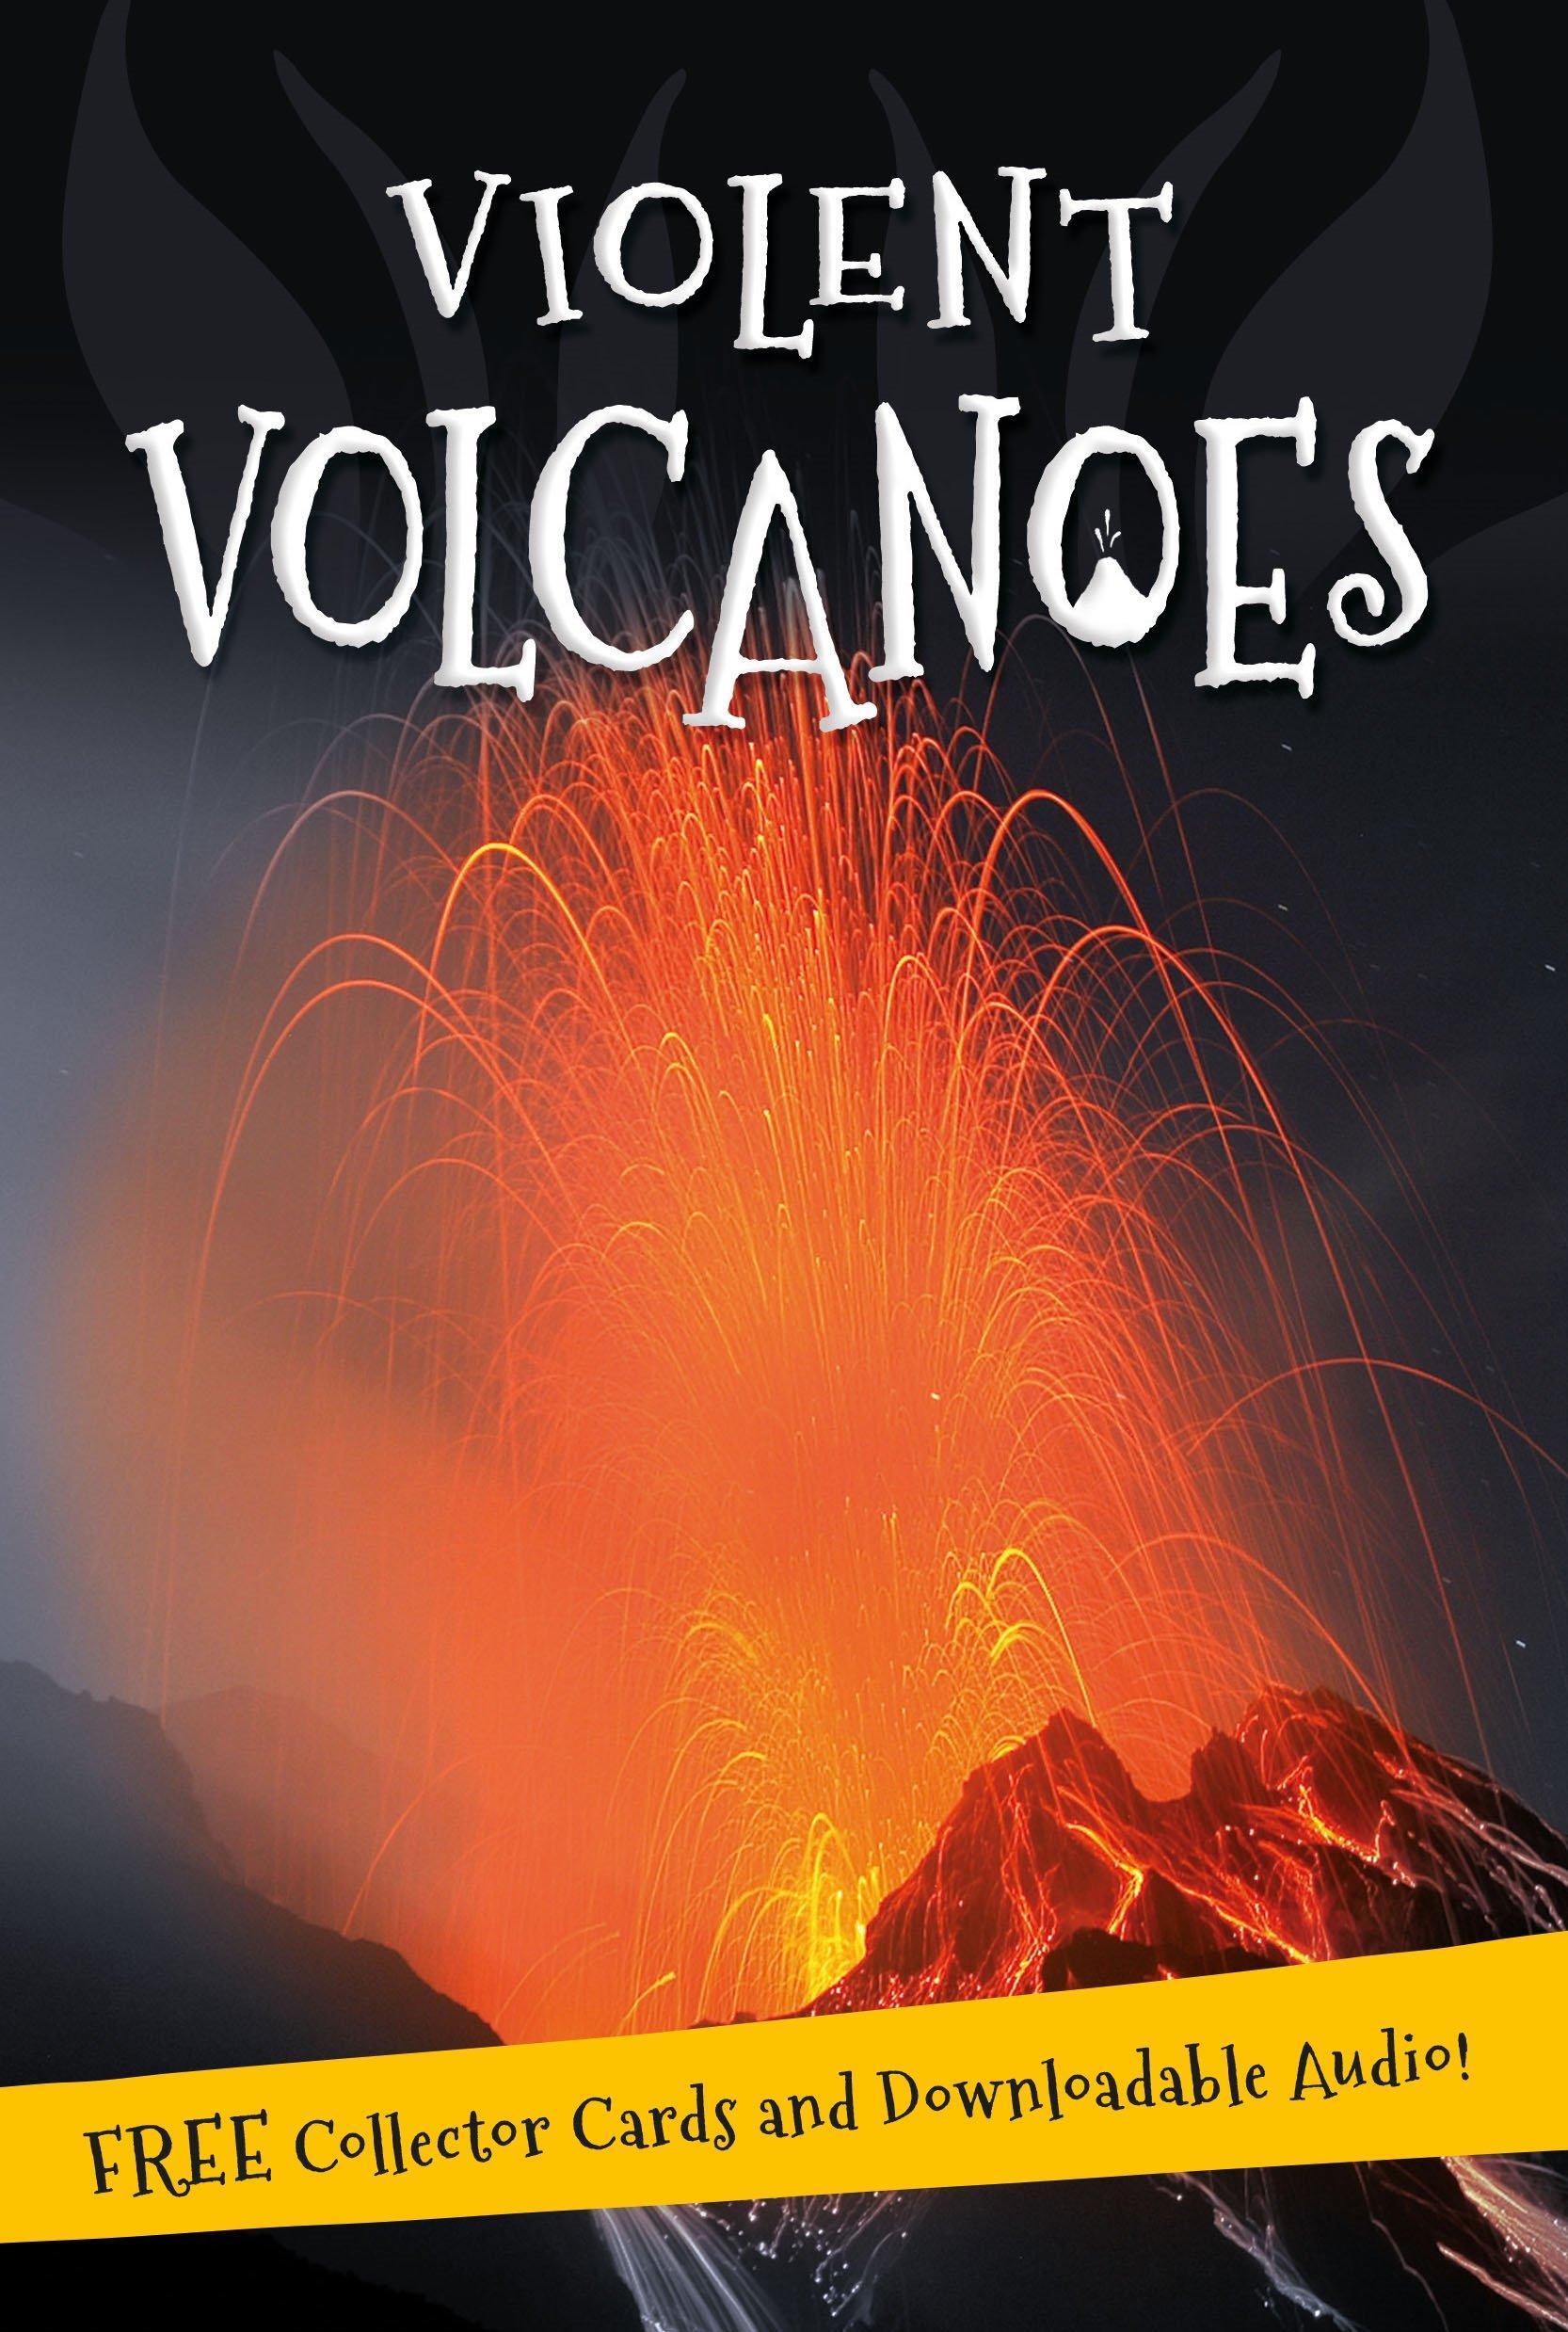 It's all about... Violent Volcanoes volcanoes legend of batok volcano level 5